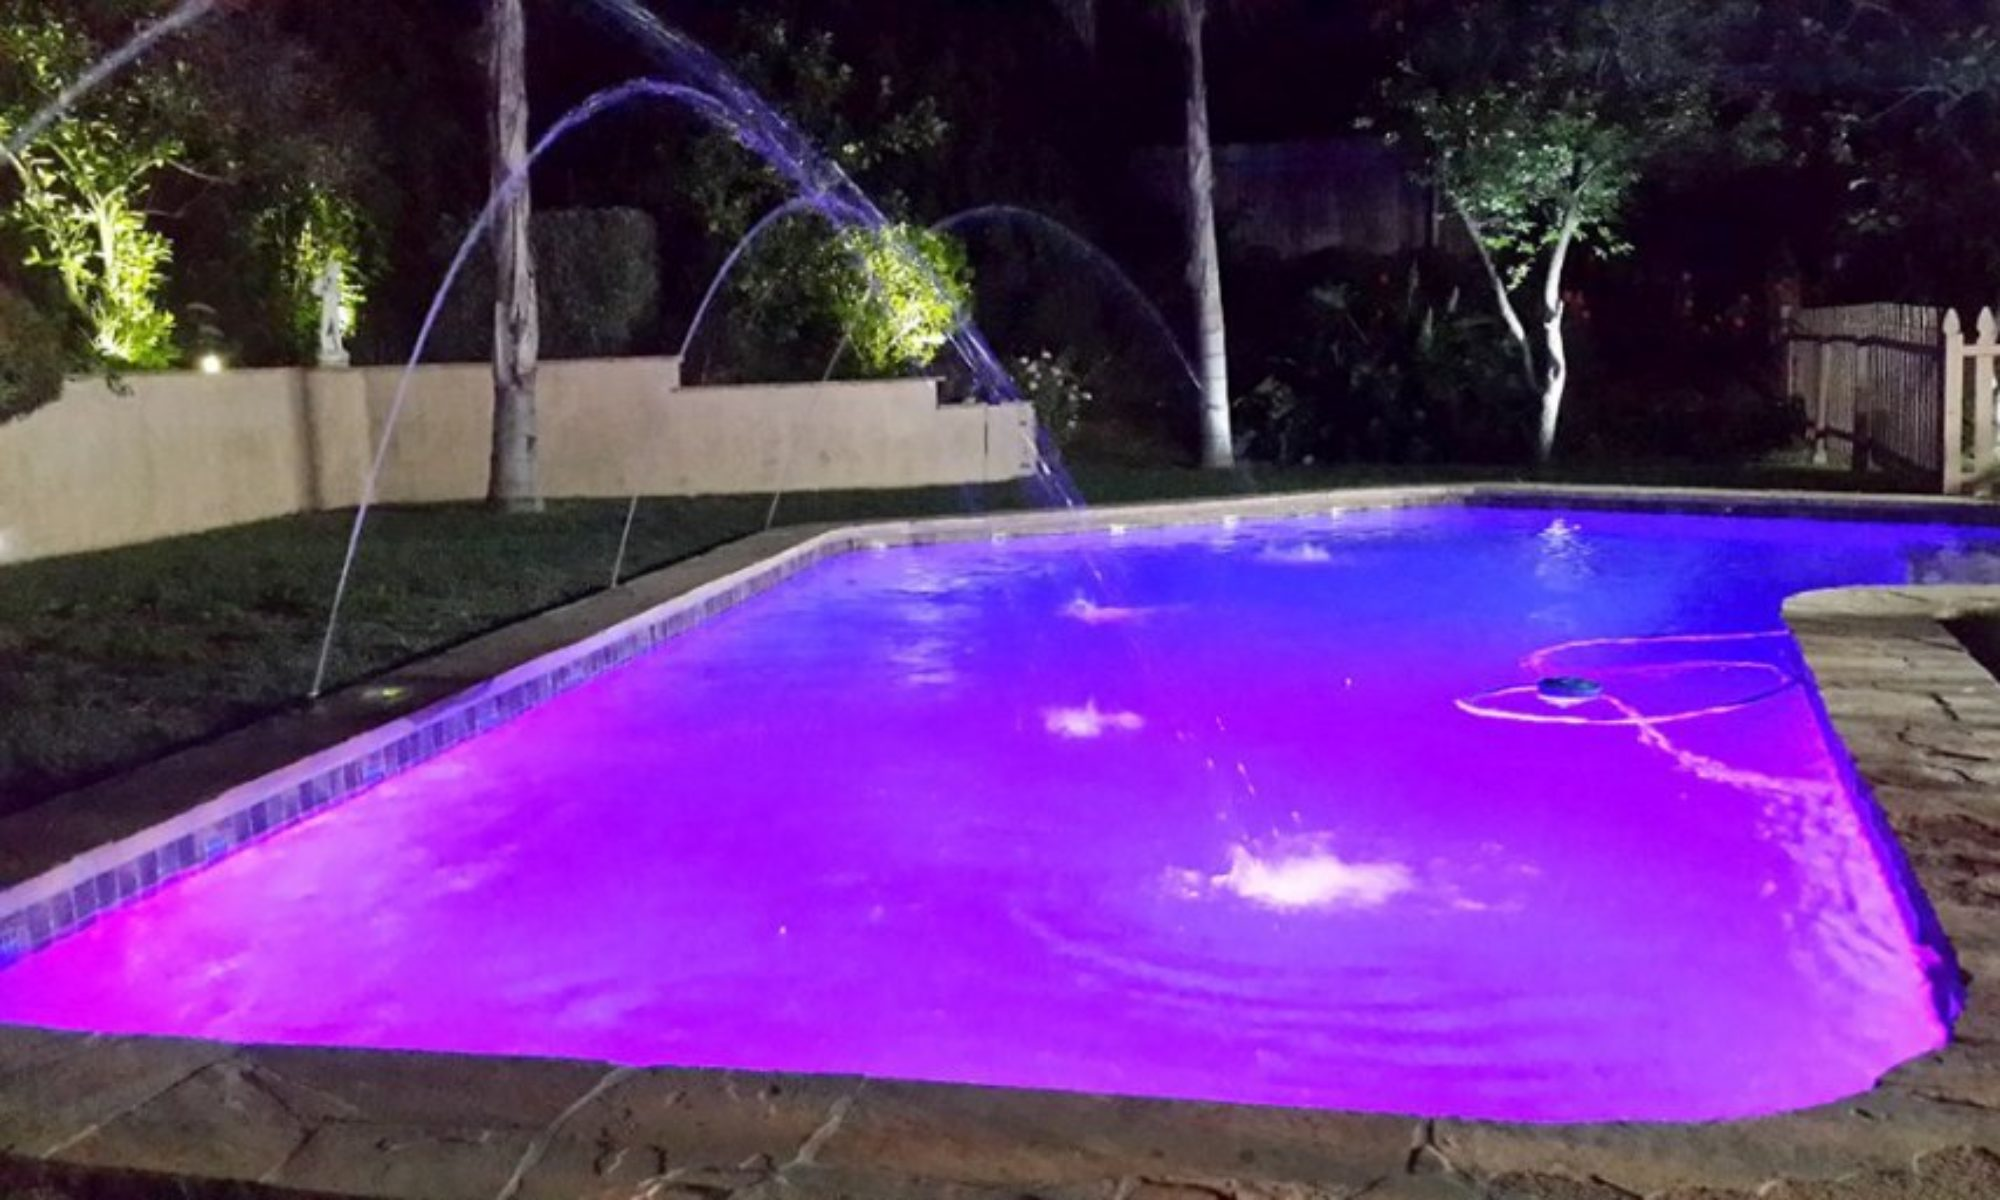 Pool Leak Repair In Keansburg Nj Pool Leak Repair